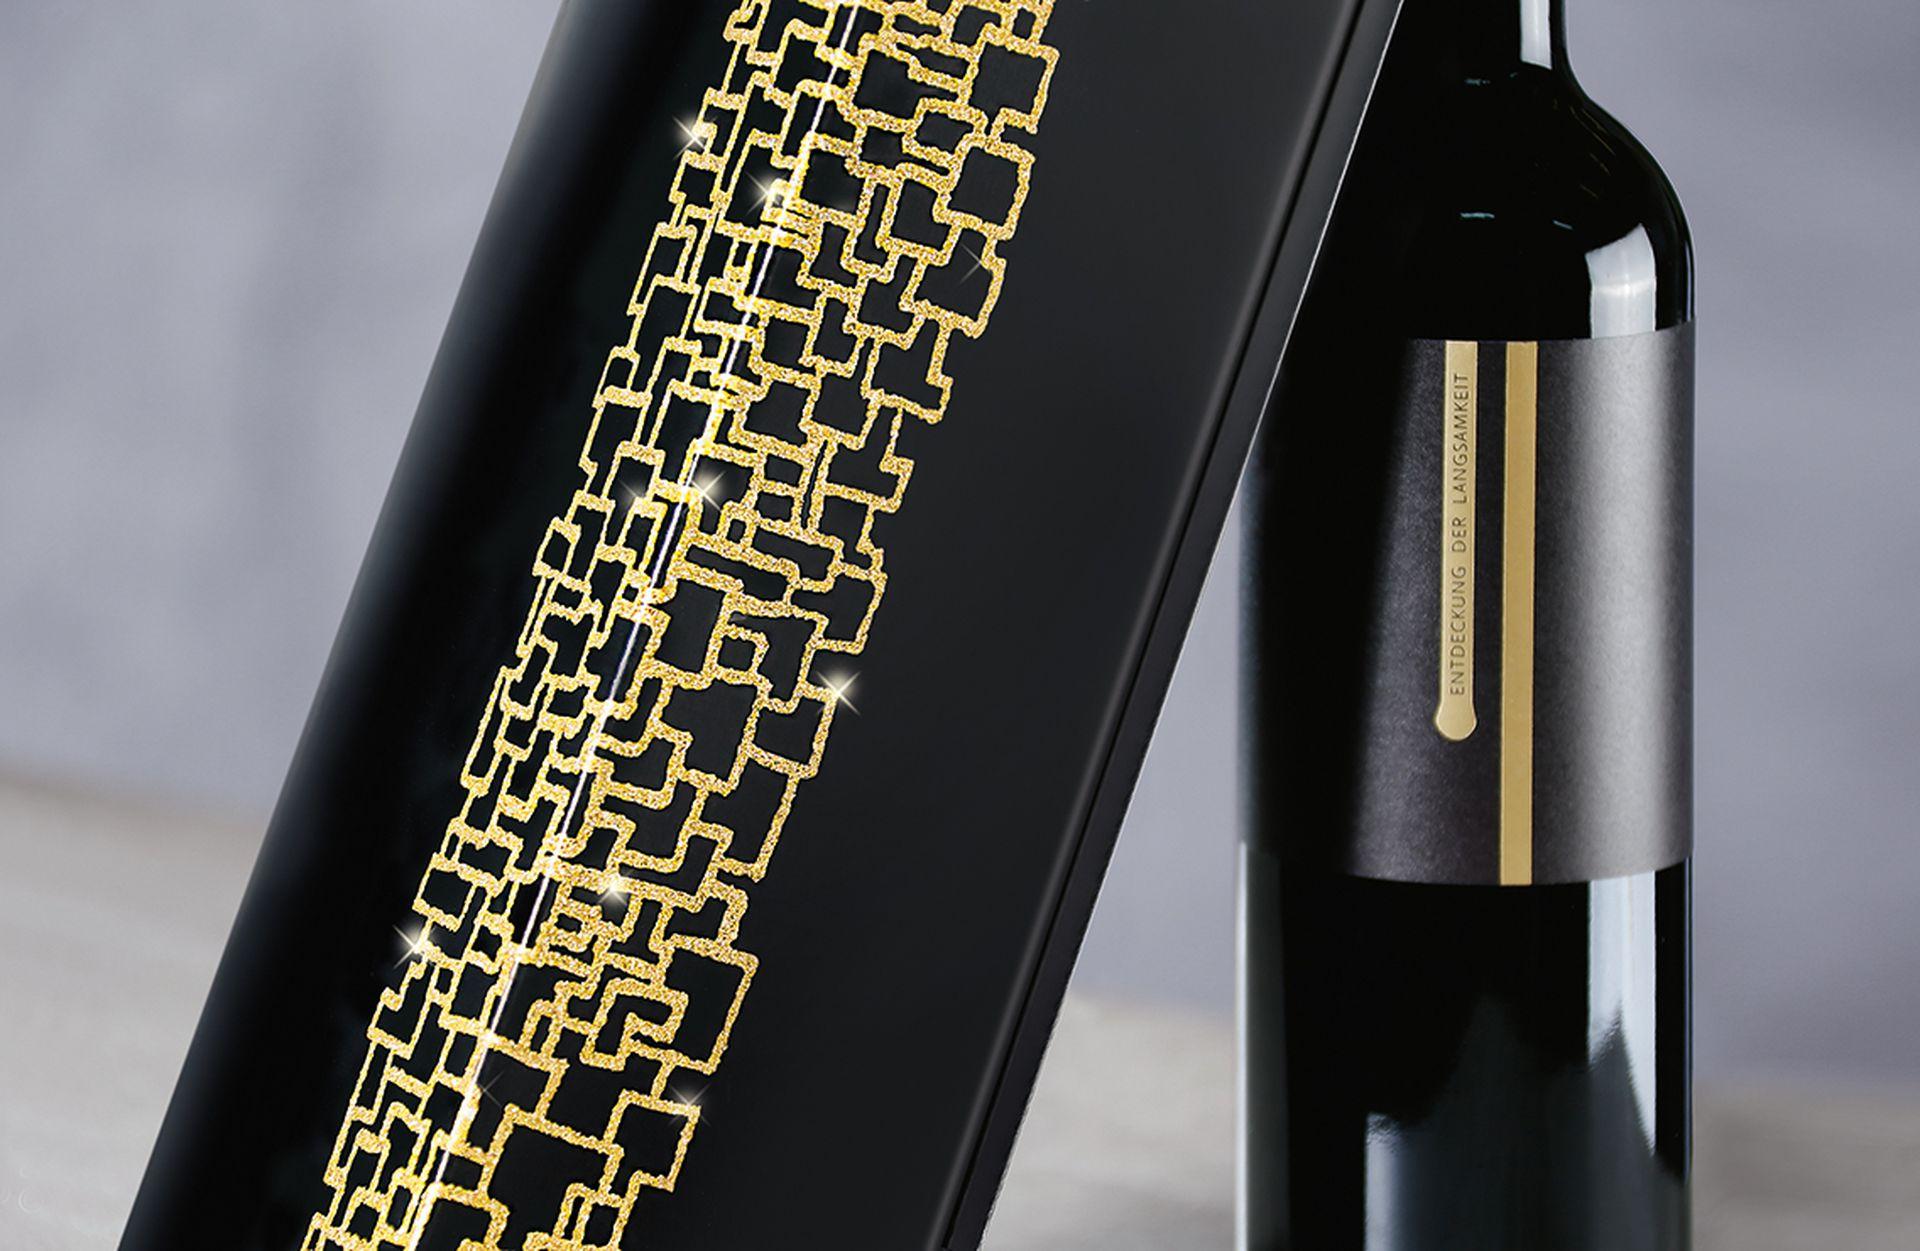 Opakowanie prezentowe na wino, seria Opus